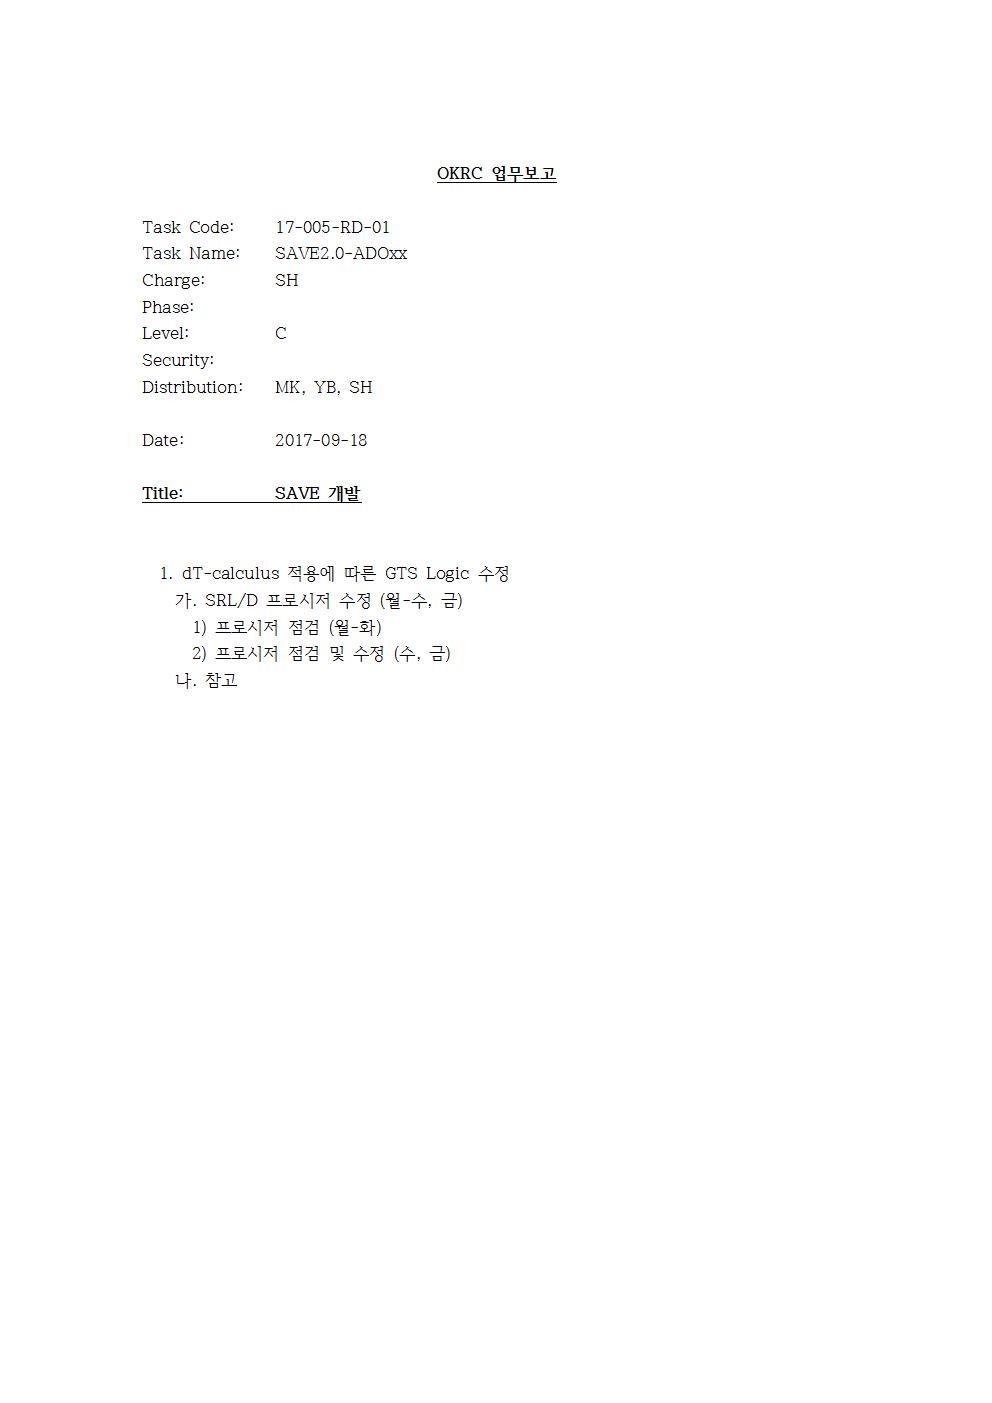 D-[17-005-RD-01]-[SAVE2.0-ADOxx]-[YB, SH]-[2017-09-14]001.jpg